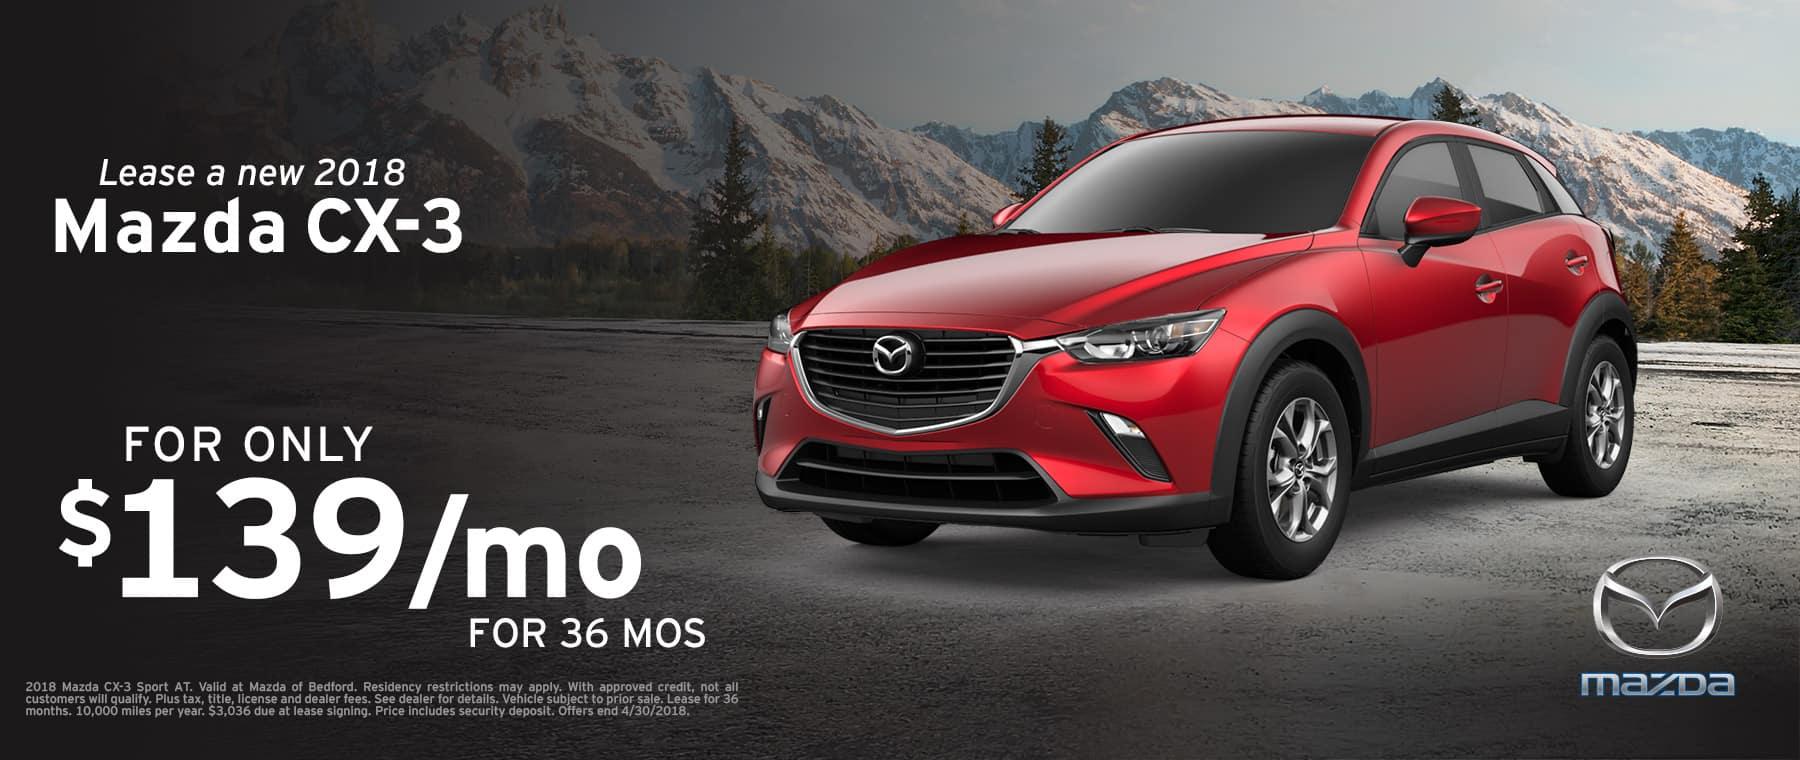 2018 Mazda CX-3 April